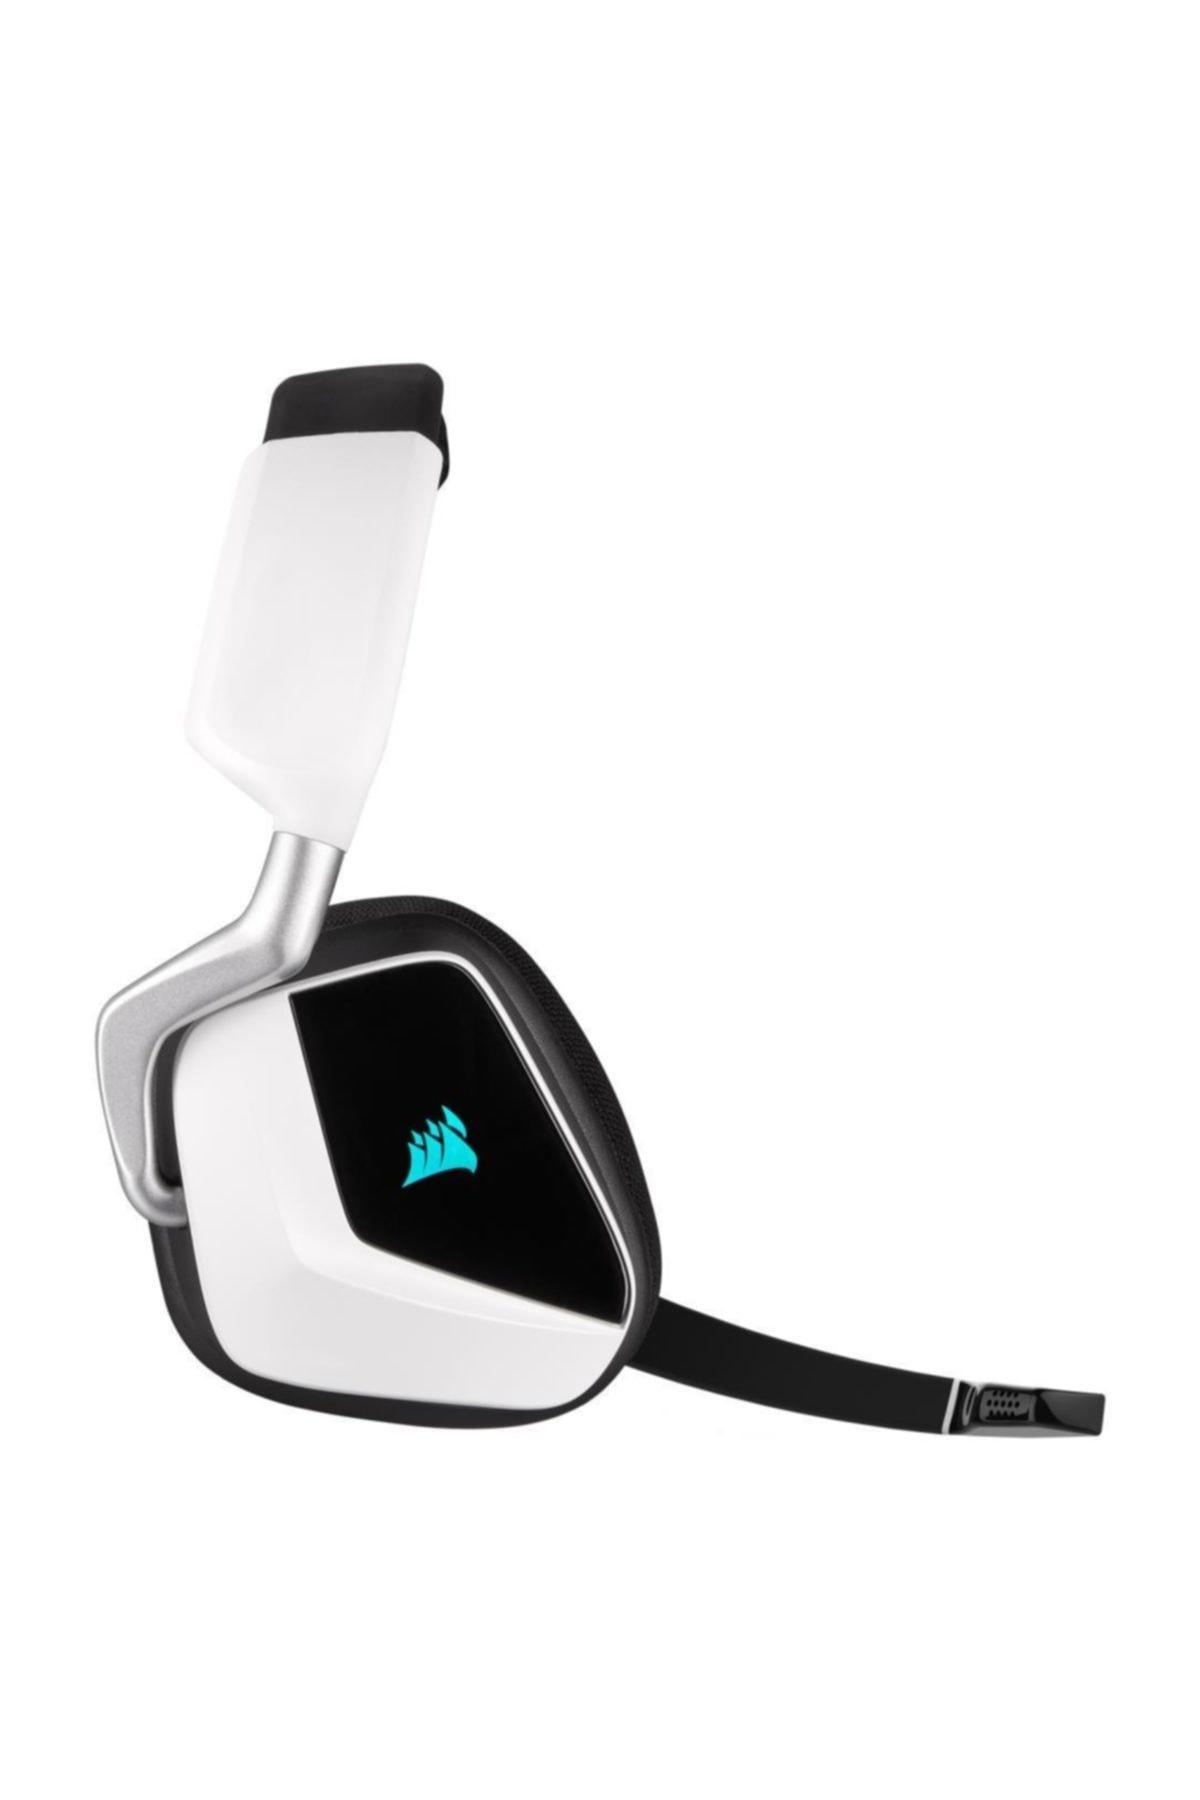 Void Rgb Elite 7.1 Beyaz Kablosuz Oyuncu Kulaklığı